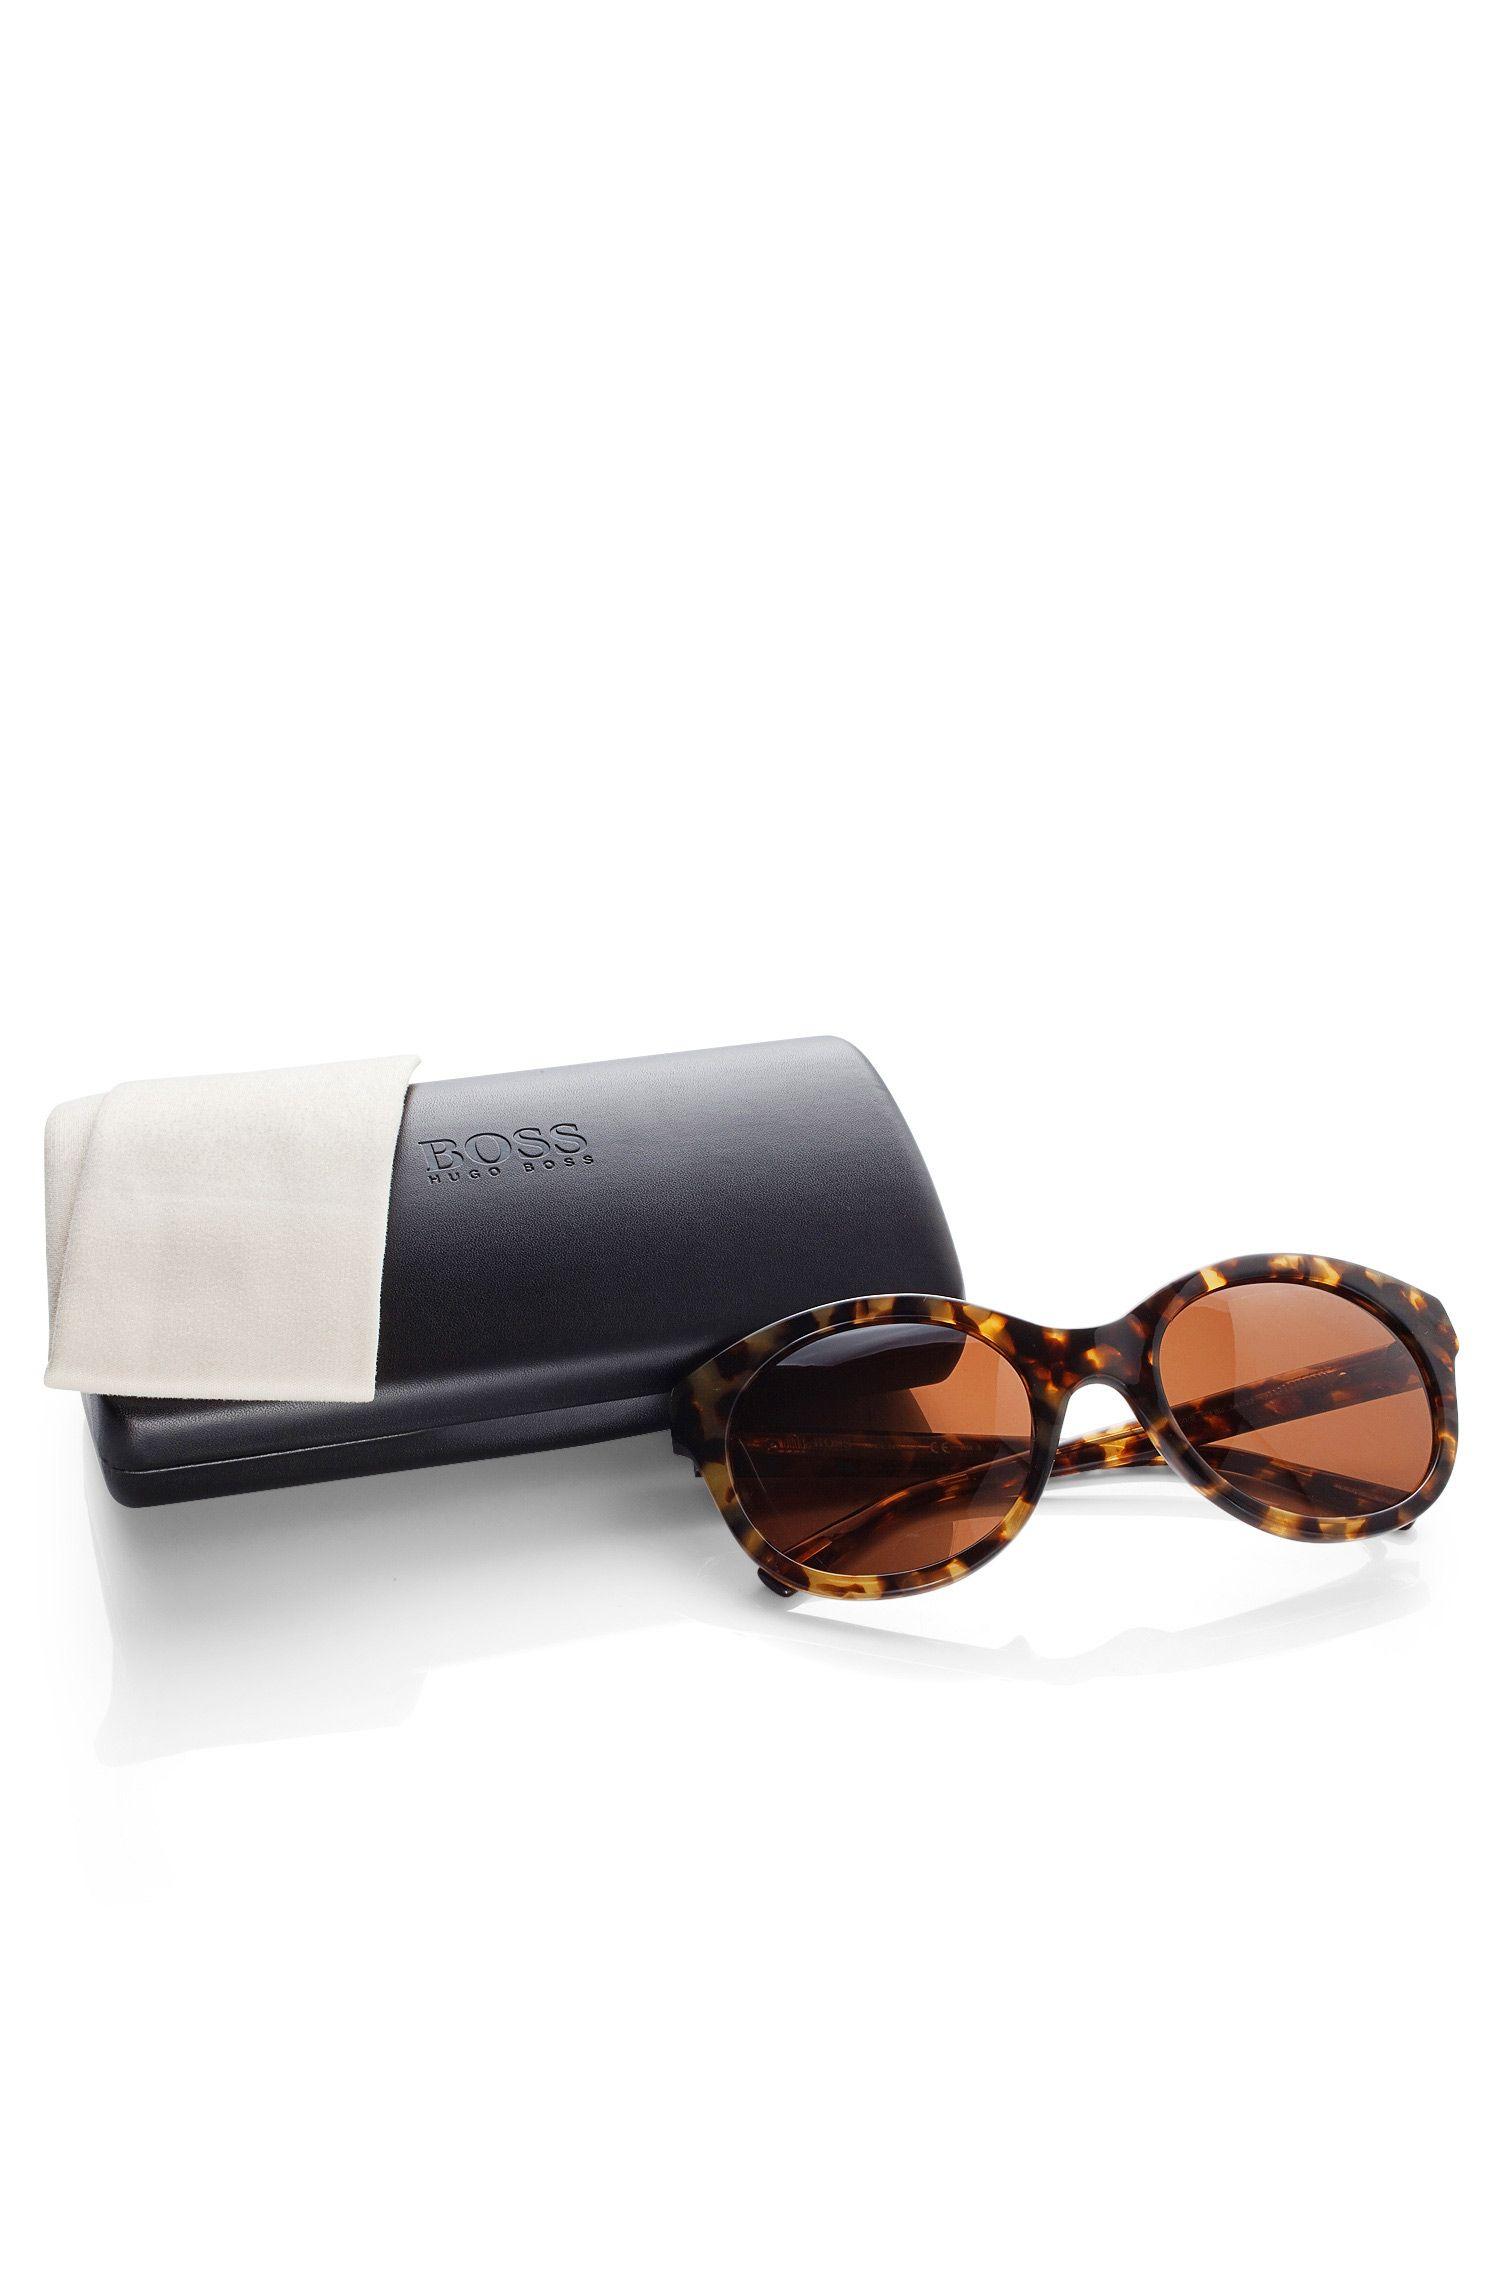 Retro-Sonnenbrille ´BOSS 0400/S`